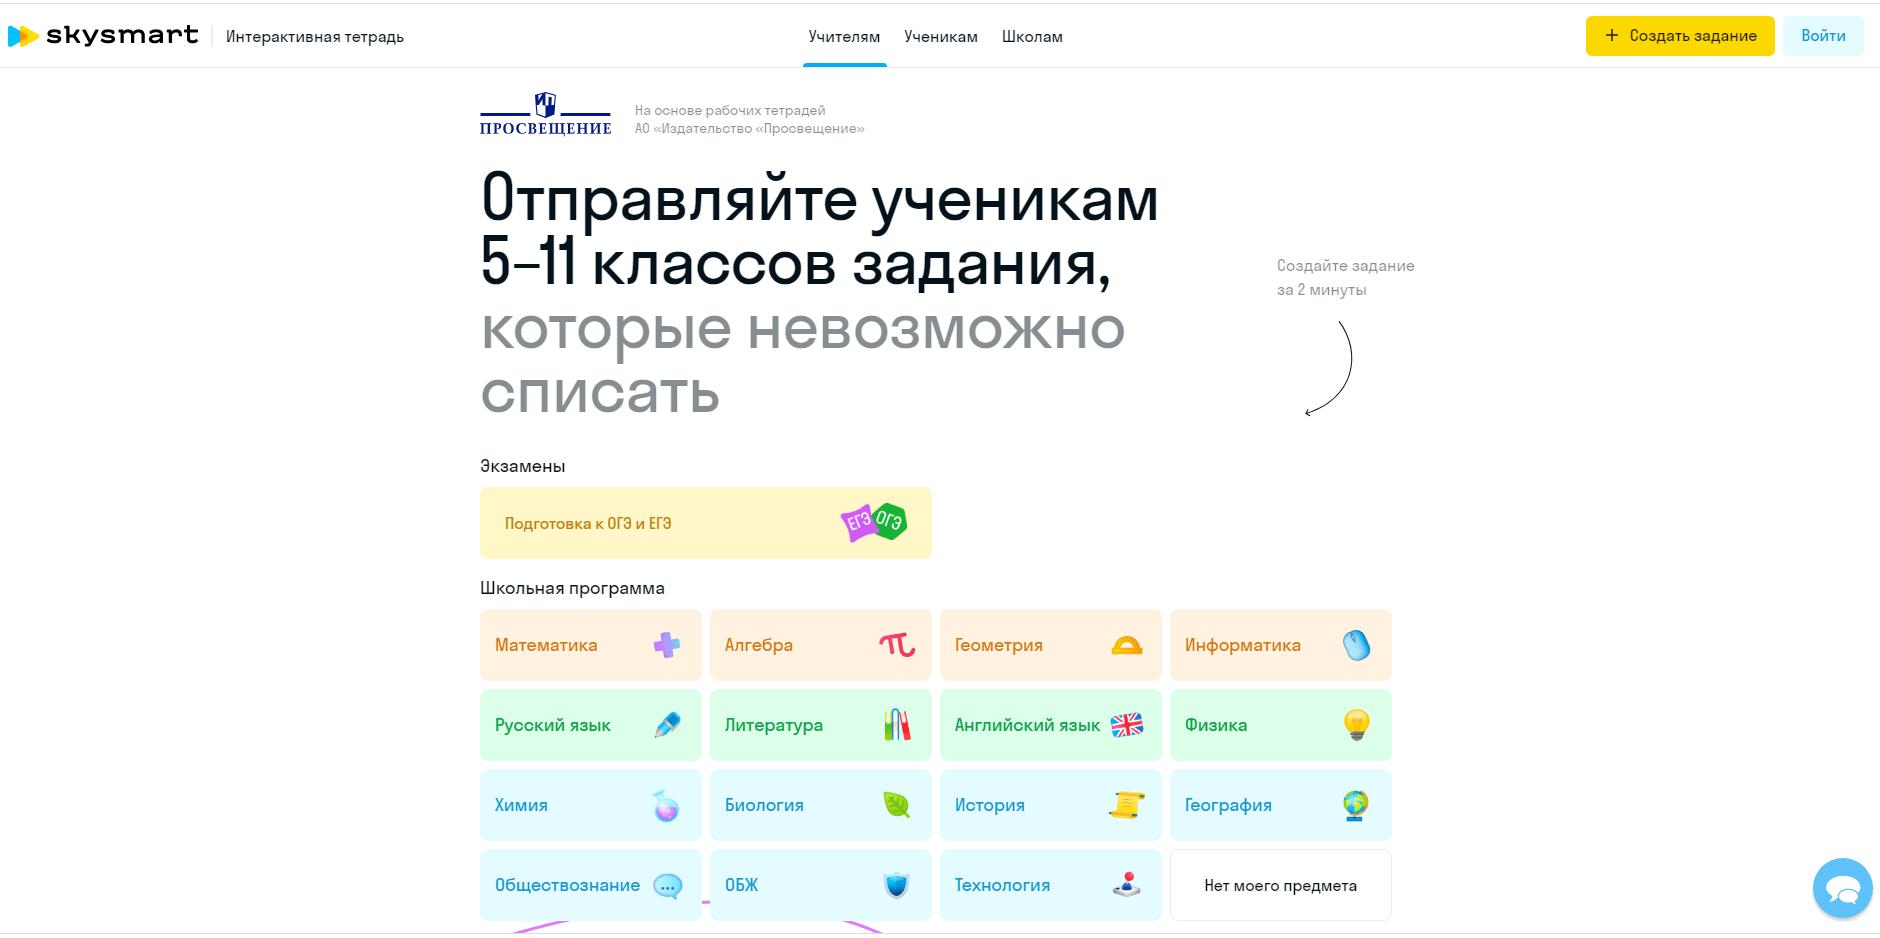 edu.skysmart.ru website